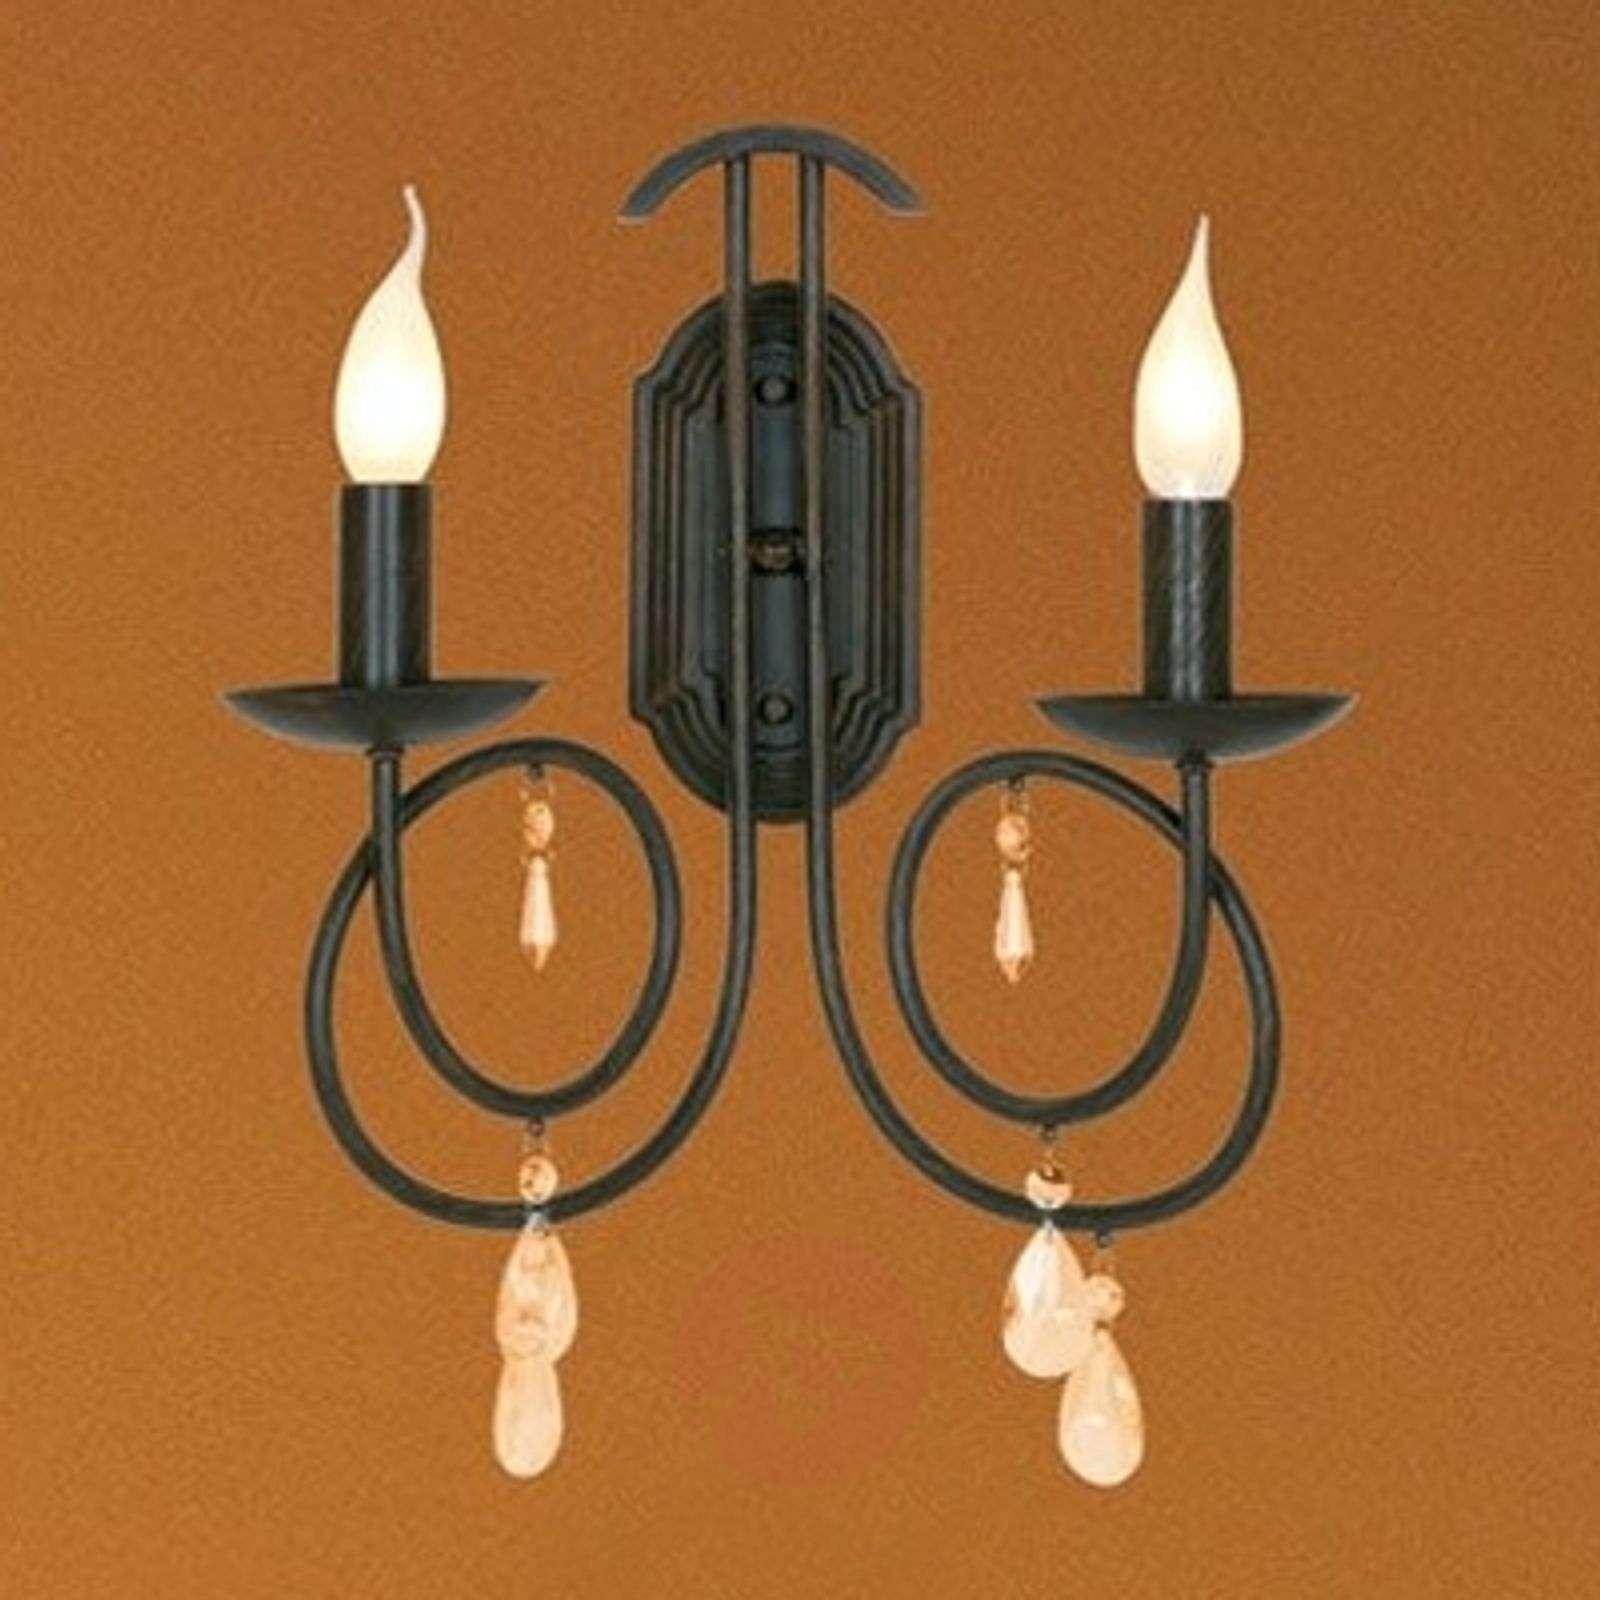 Discreet wall light LISANNE-1032079-01